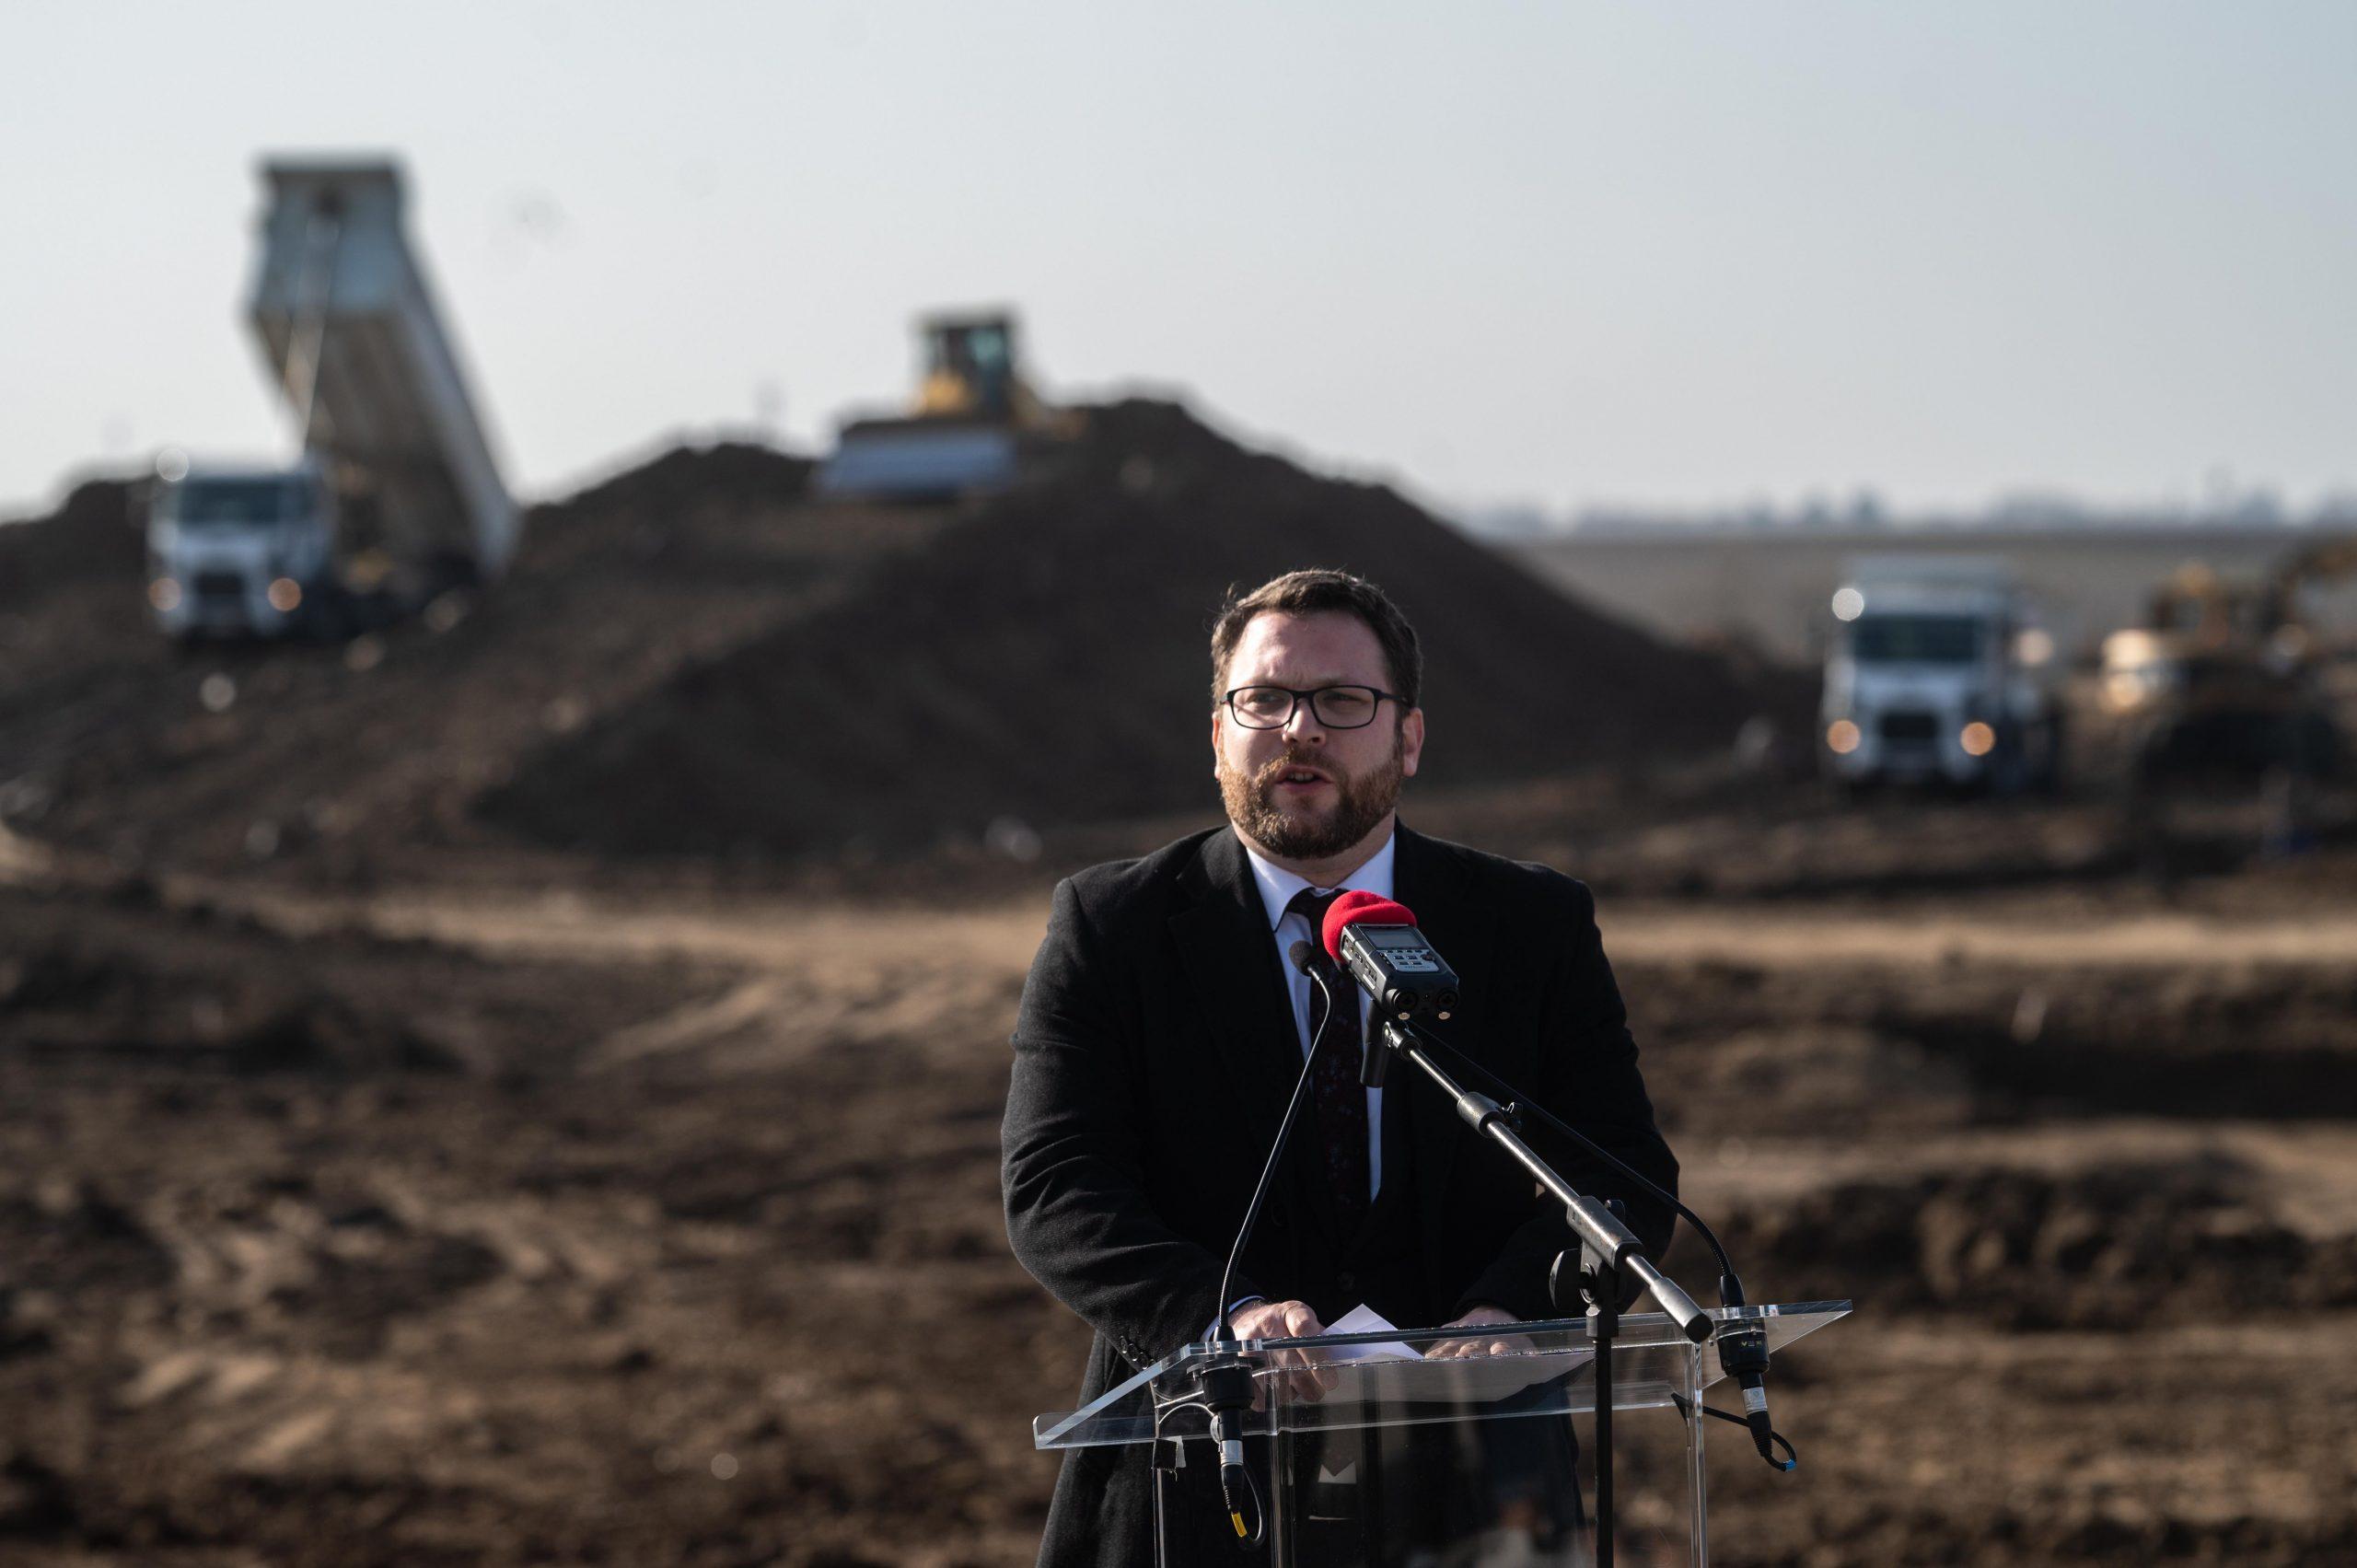 Megkezdődött az M6-os autópálya befejező szakaszának építése